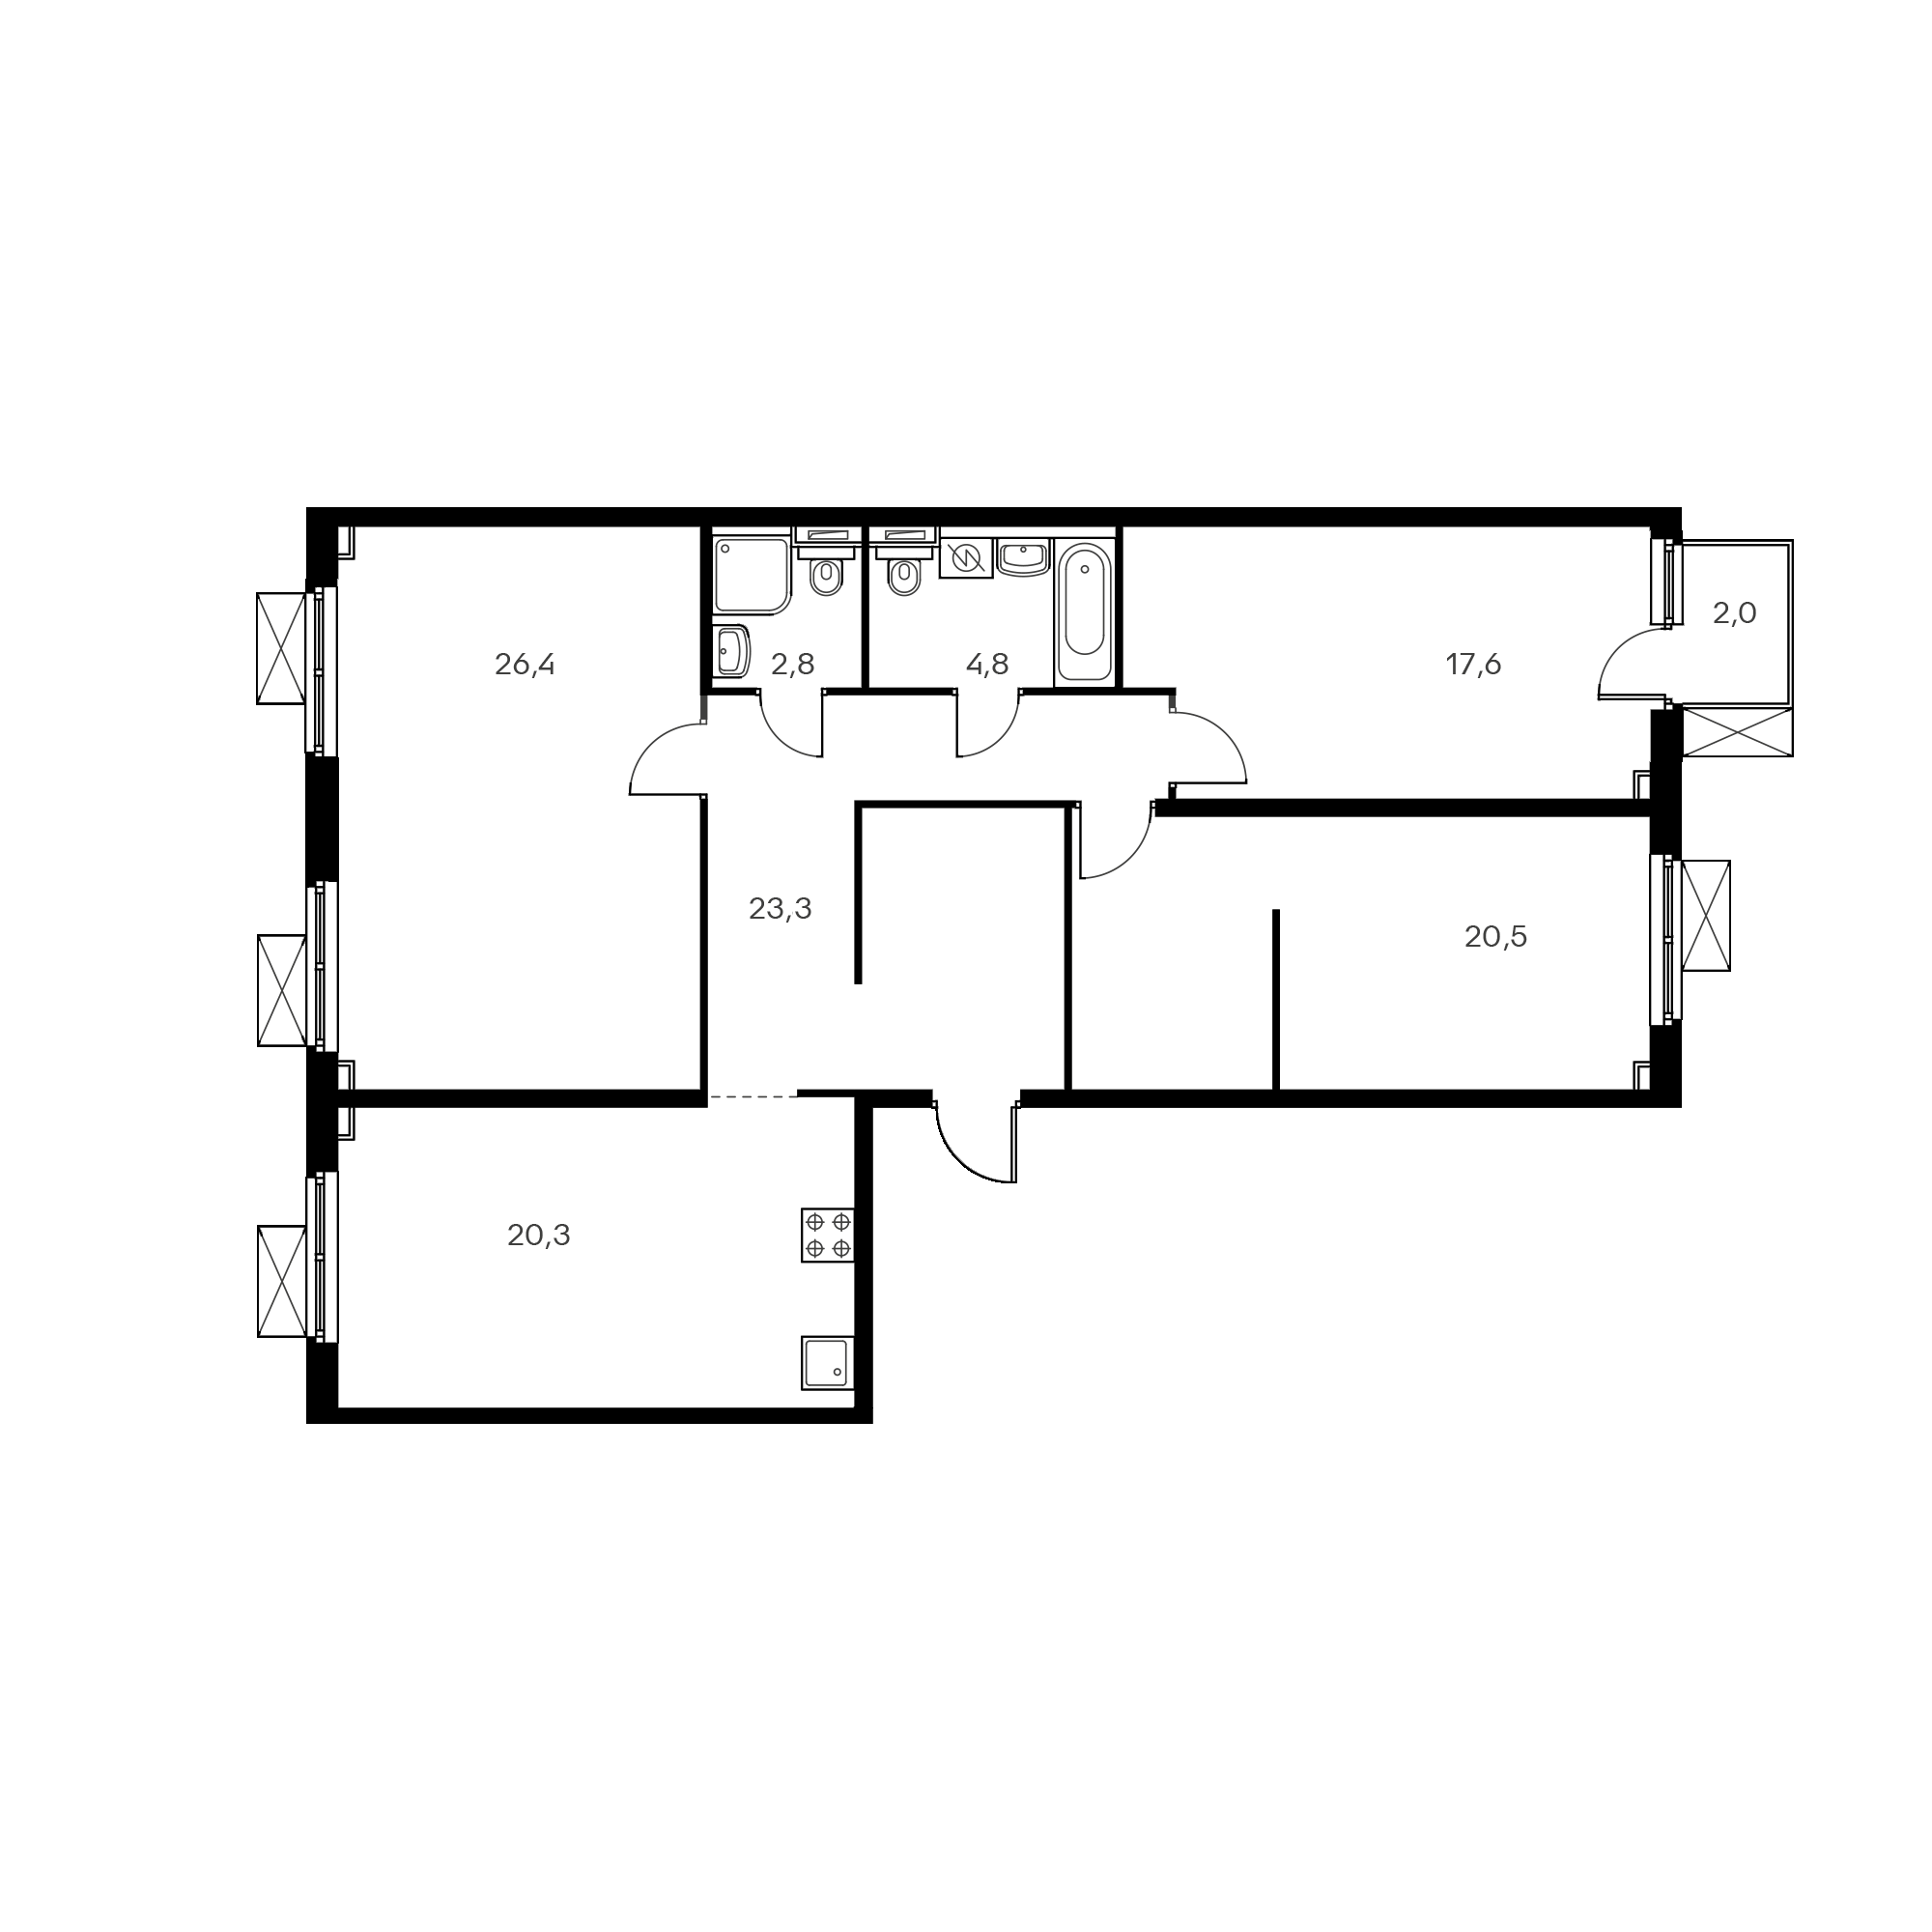 3-комнатная 117.3 м²